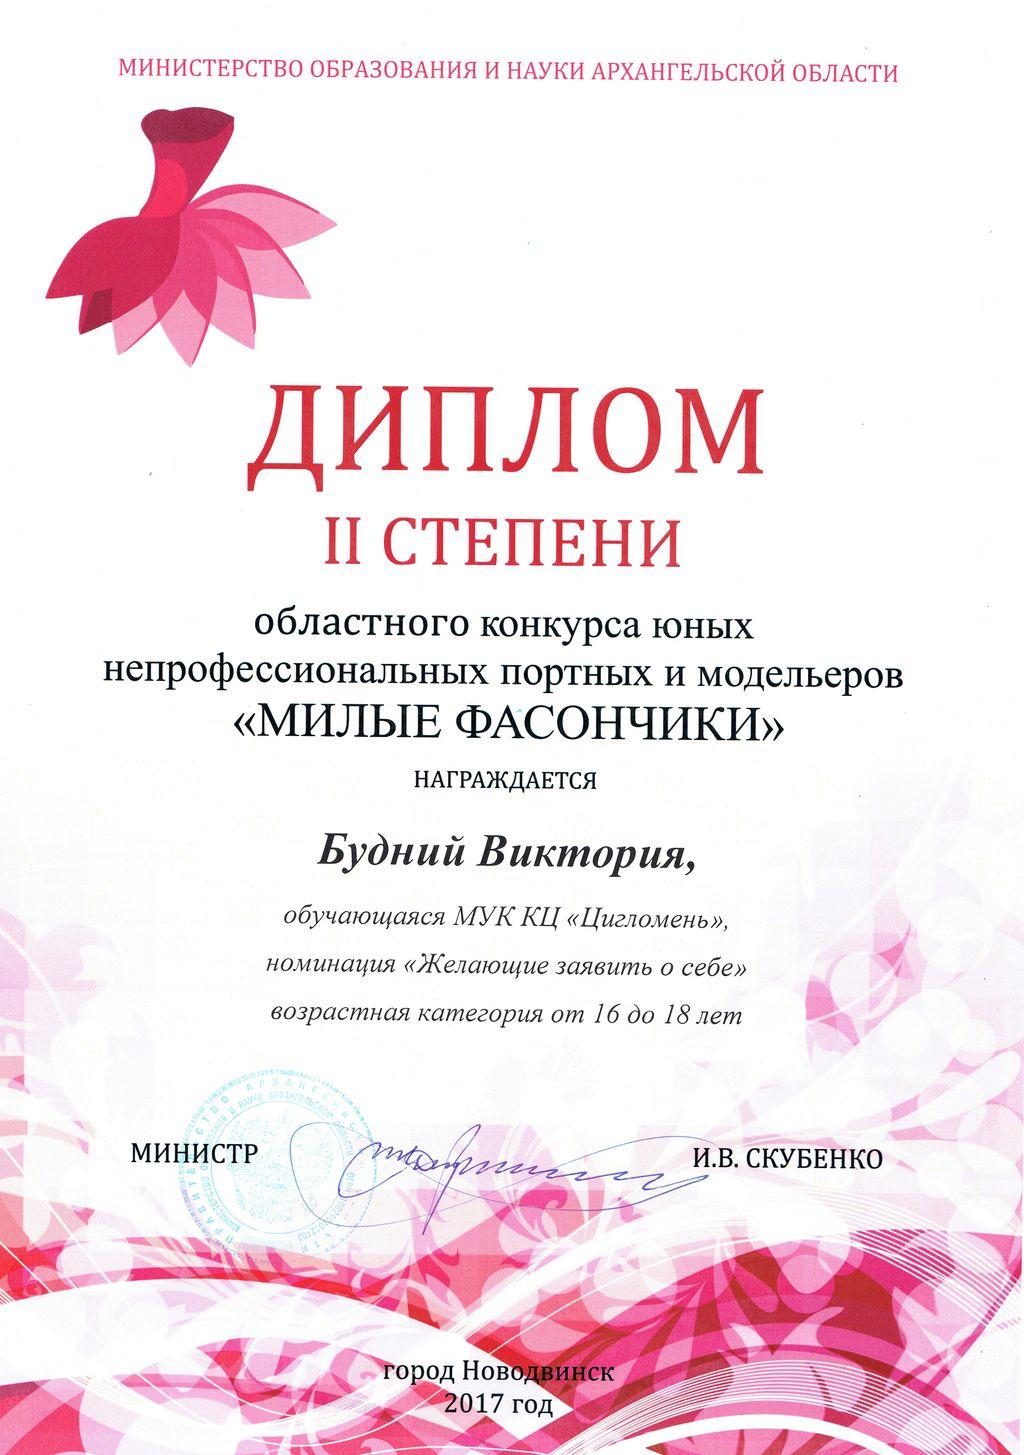 Диплом 2 степени областного конкурса Милые фасончики Будний В.